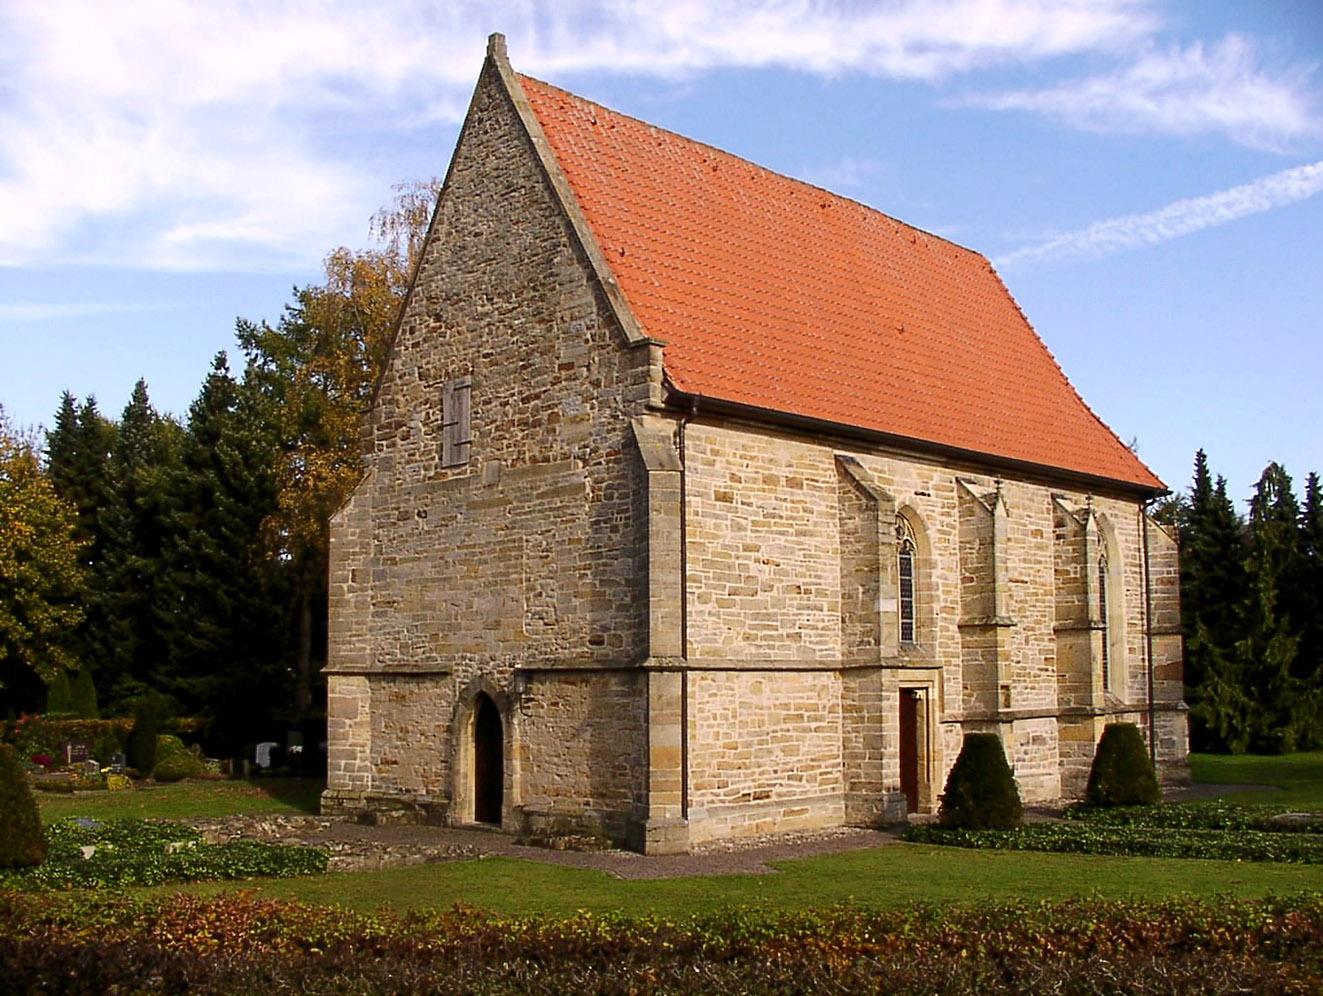 Mit einem Gottesdienst in der alten Mesumer Kirche möchte die Pfarrgemeinde St. Johannes der Täufer den alten Brauch der Kräuterweihe wieder beleben